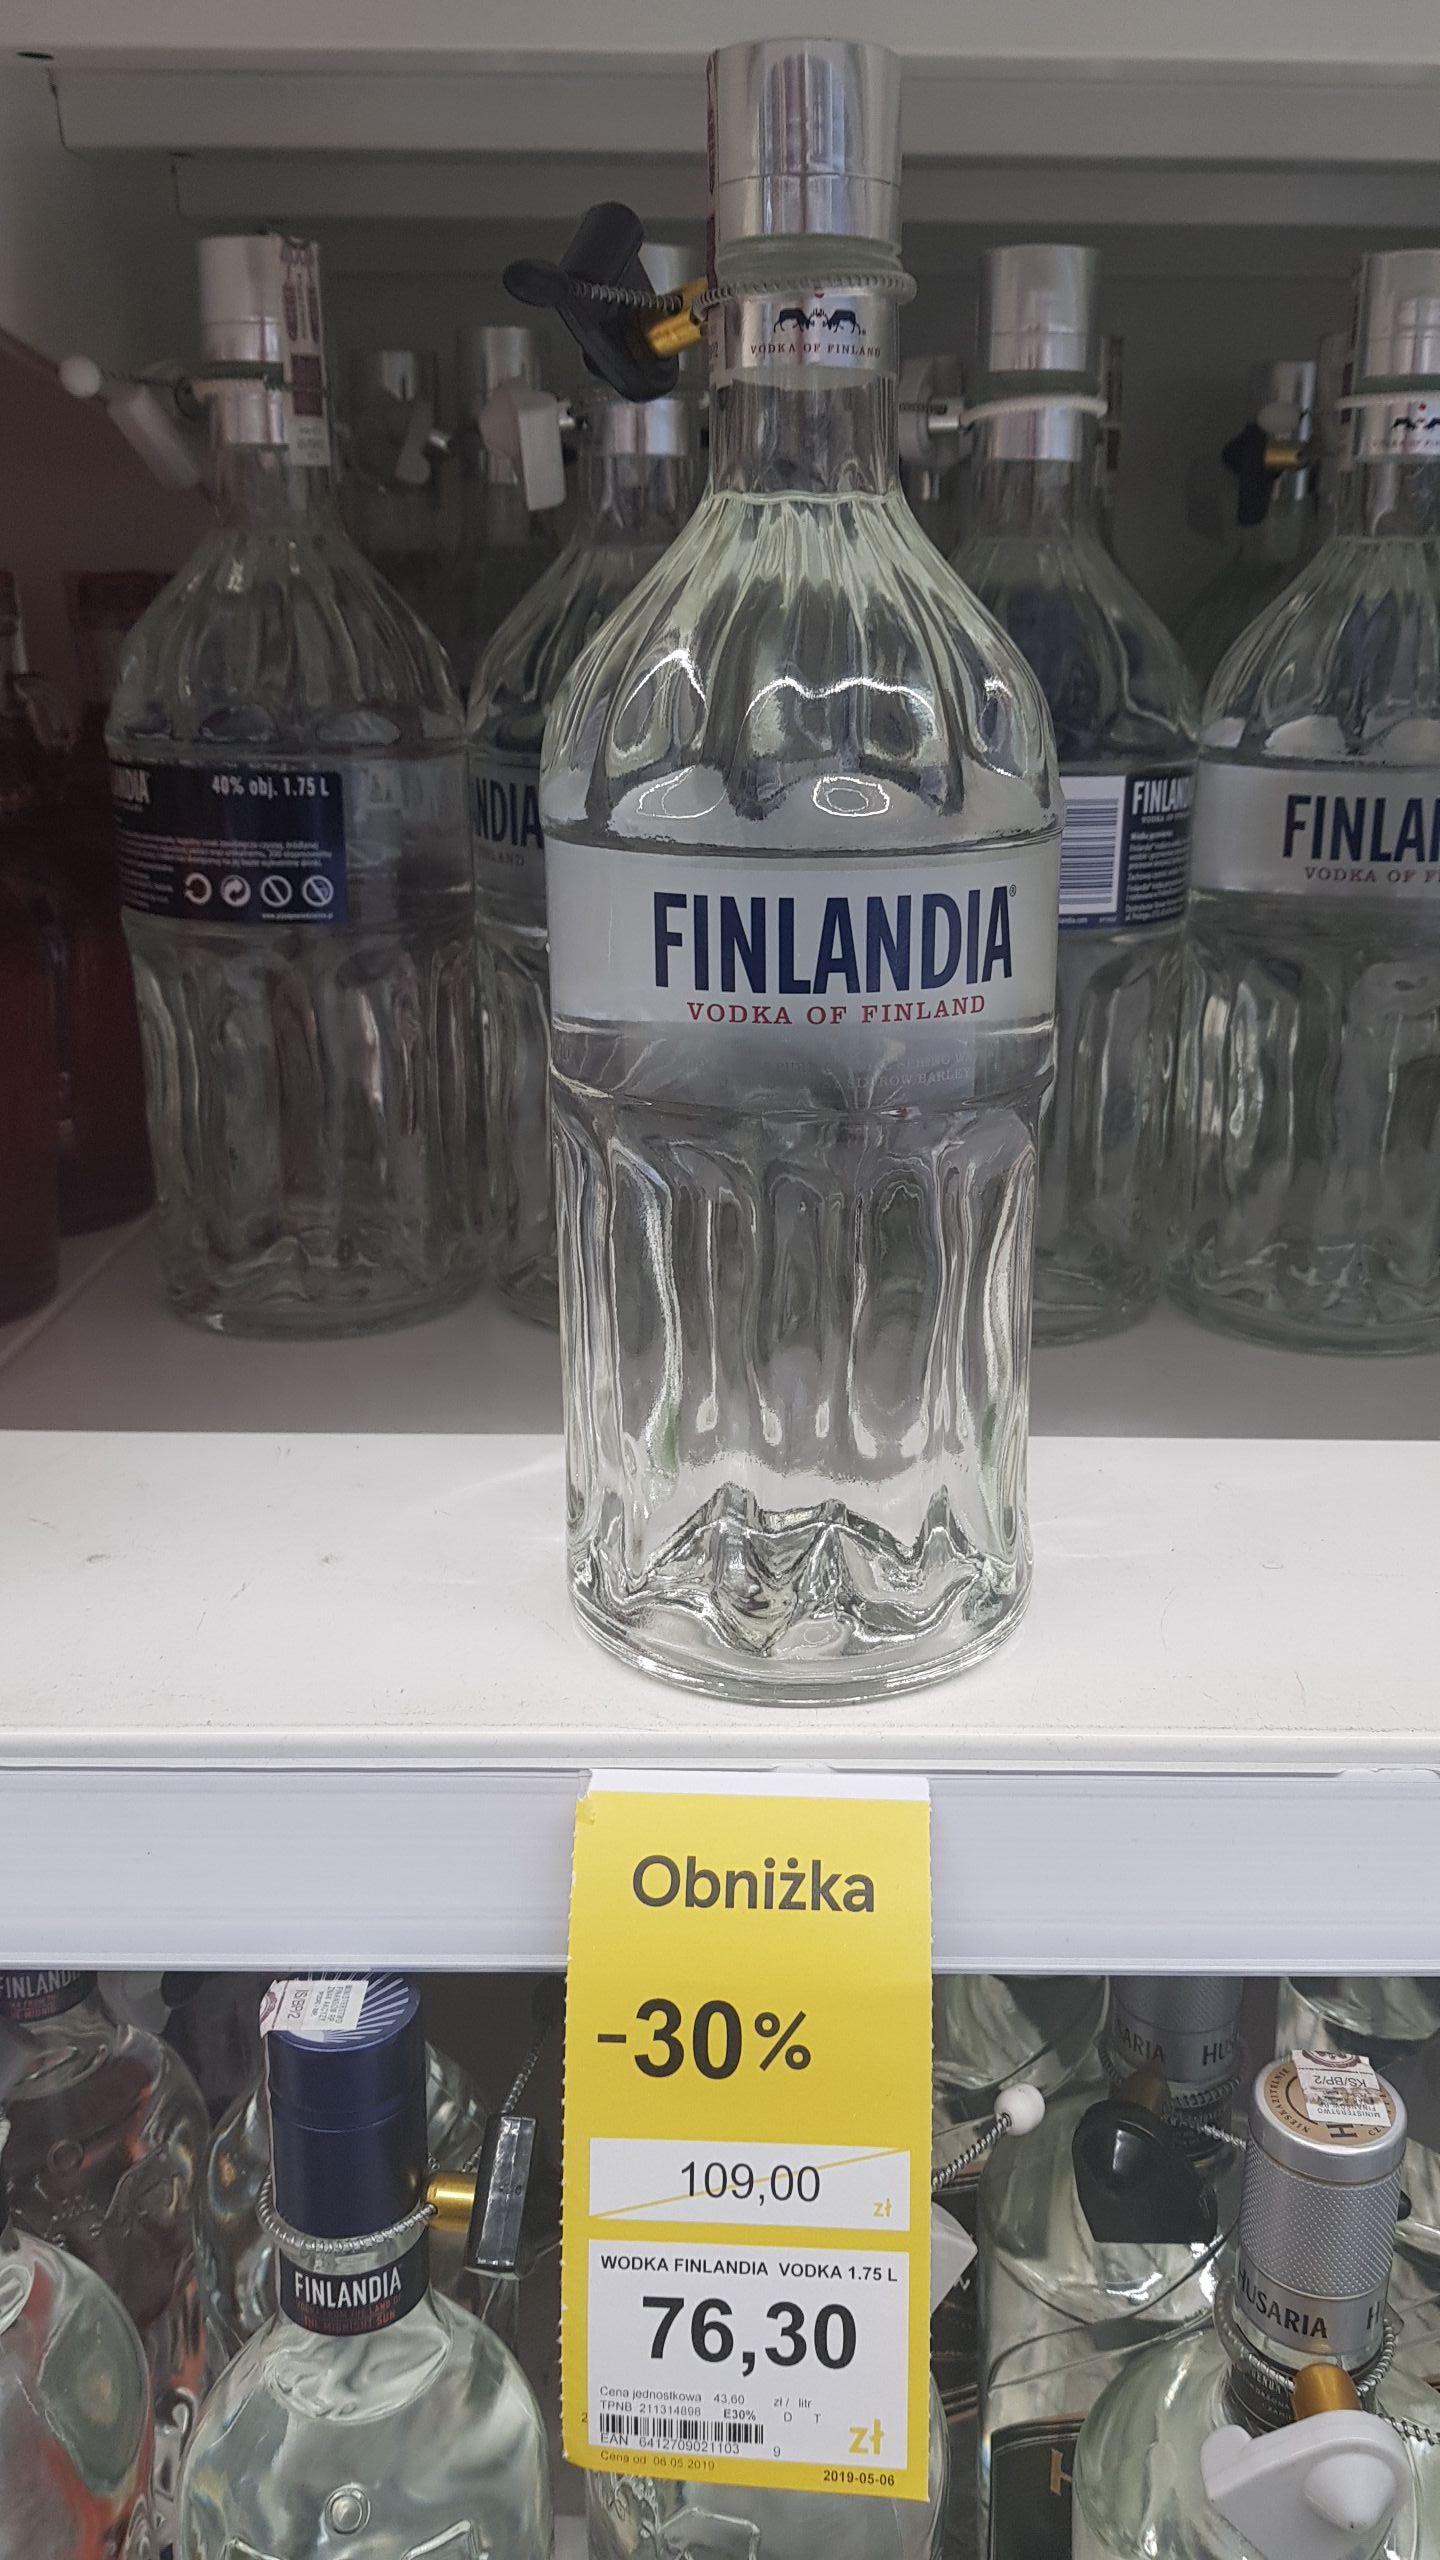 Wódka Finlandia 1.75l Tesco Ogólnopolska